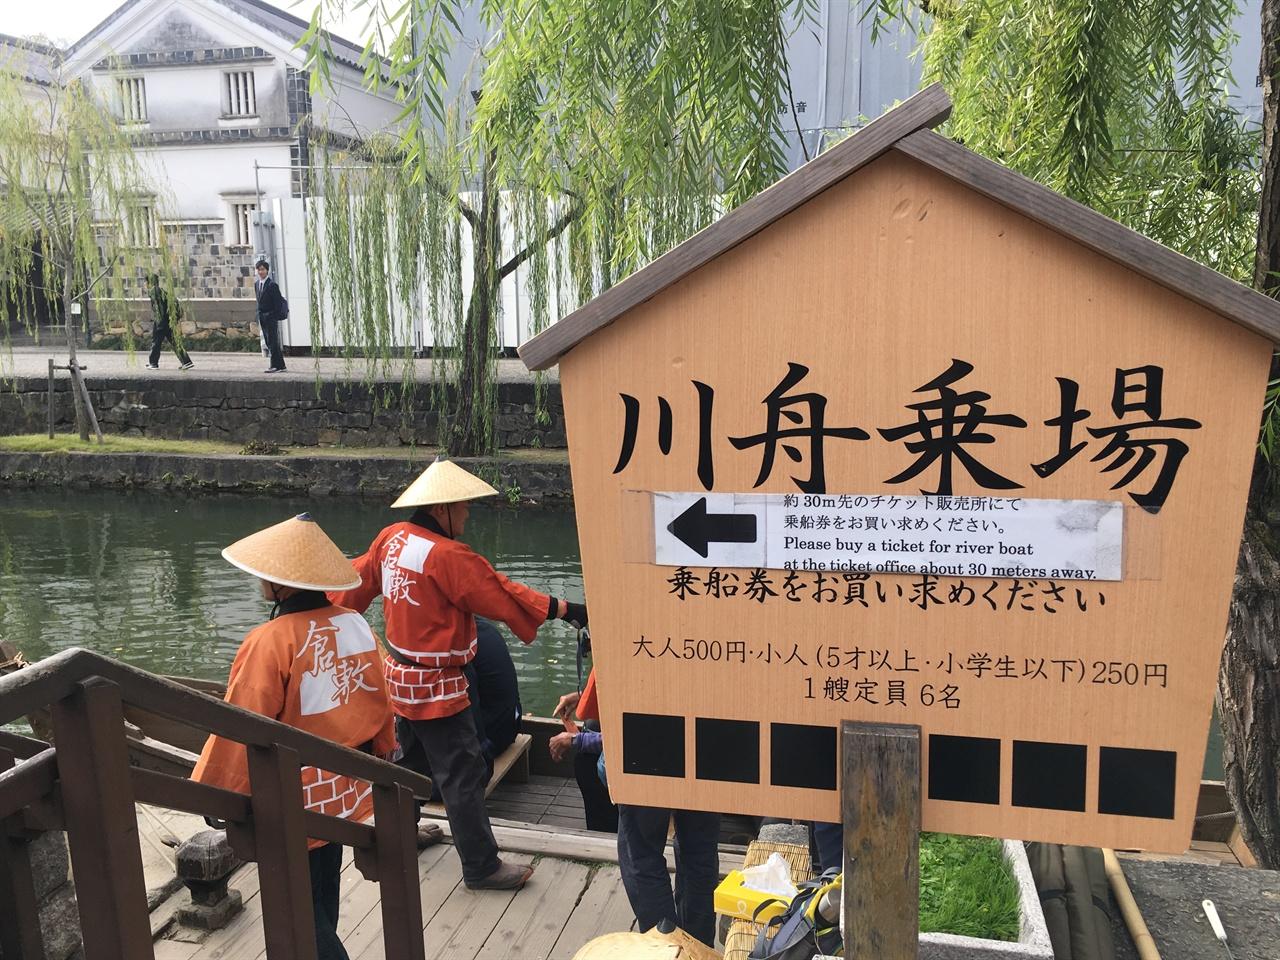 구라시키 미관지구 나룻배를 타고 구라시키 미관지구를 여유롭게 즐길 수 있다.